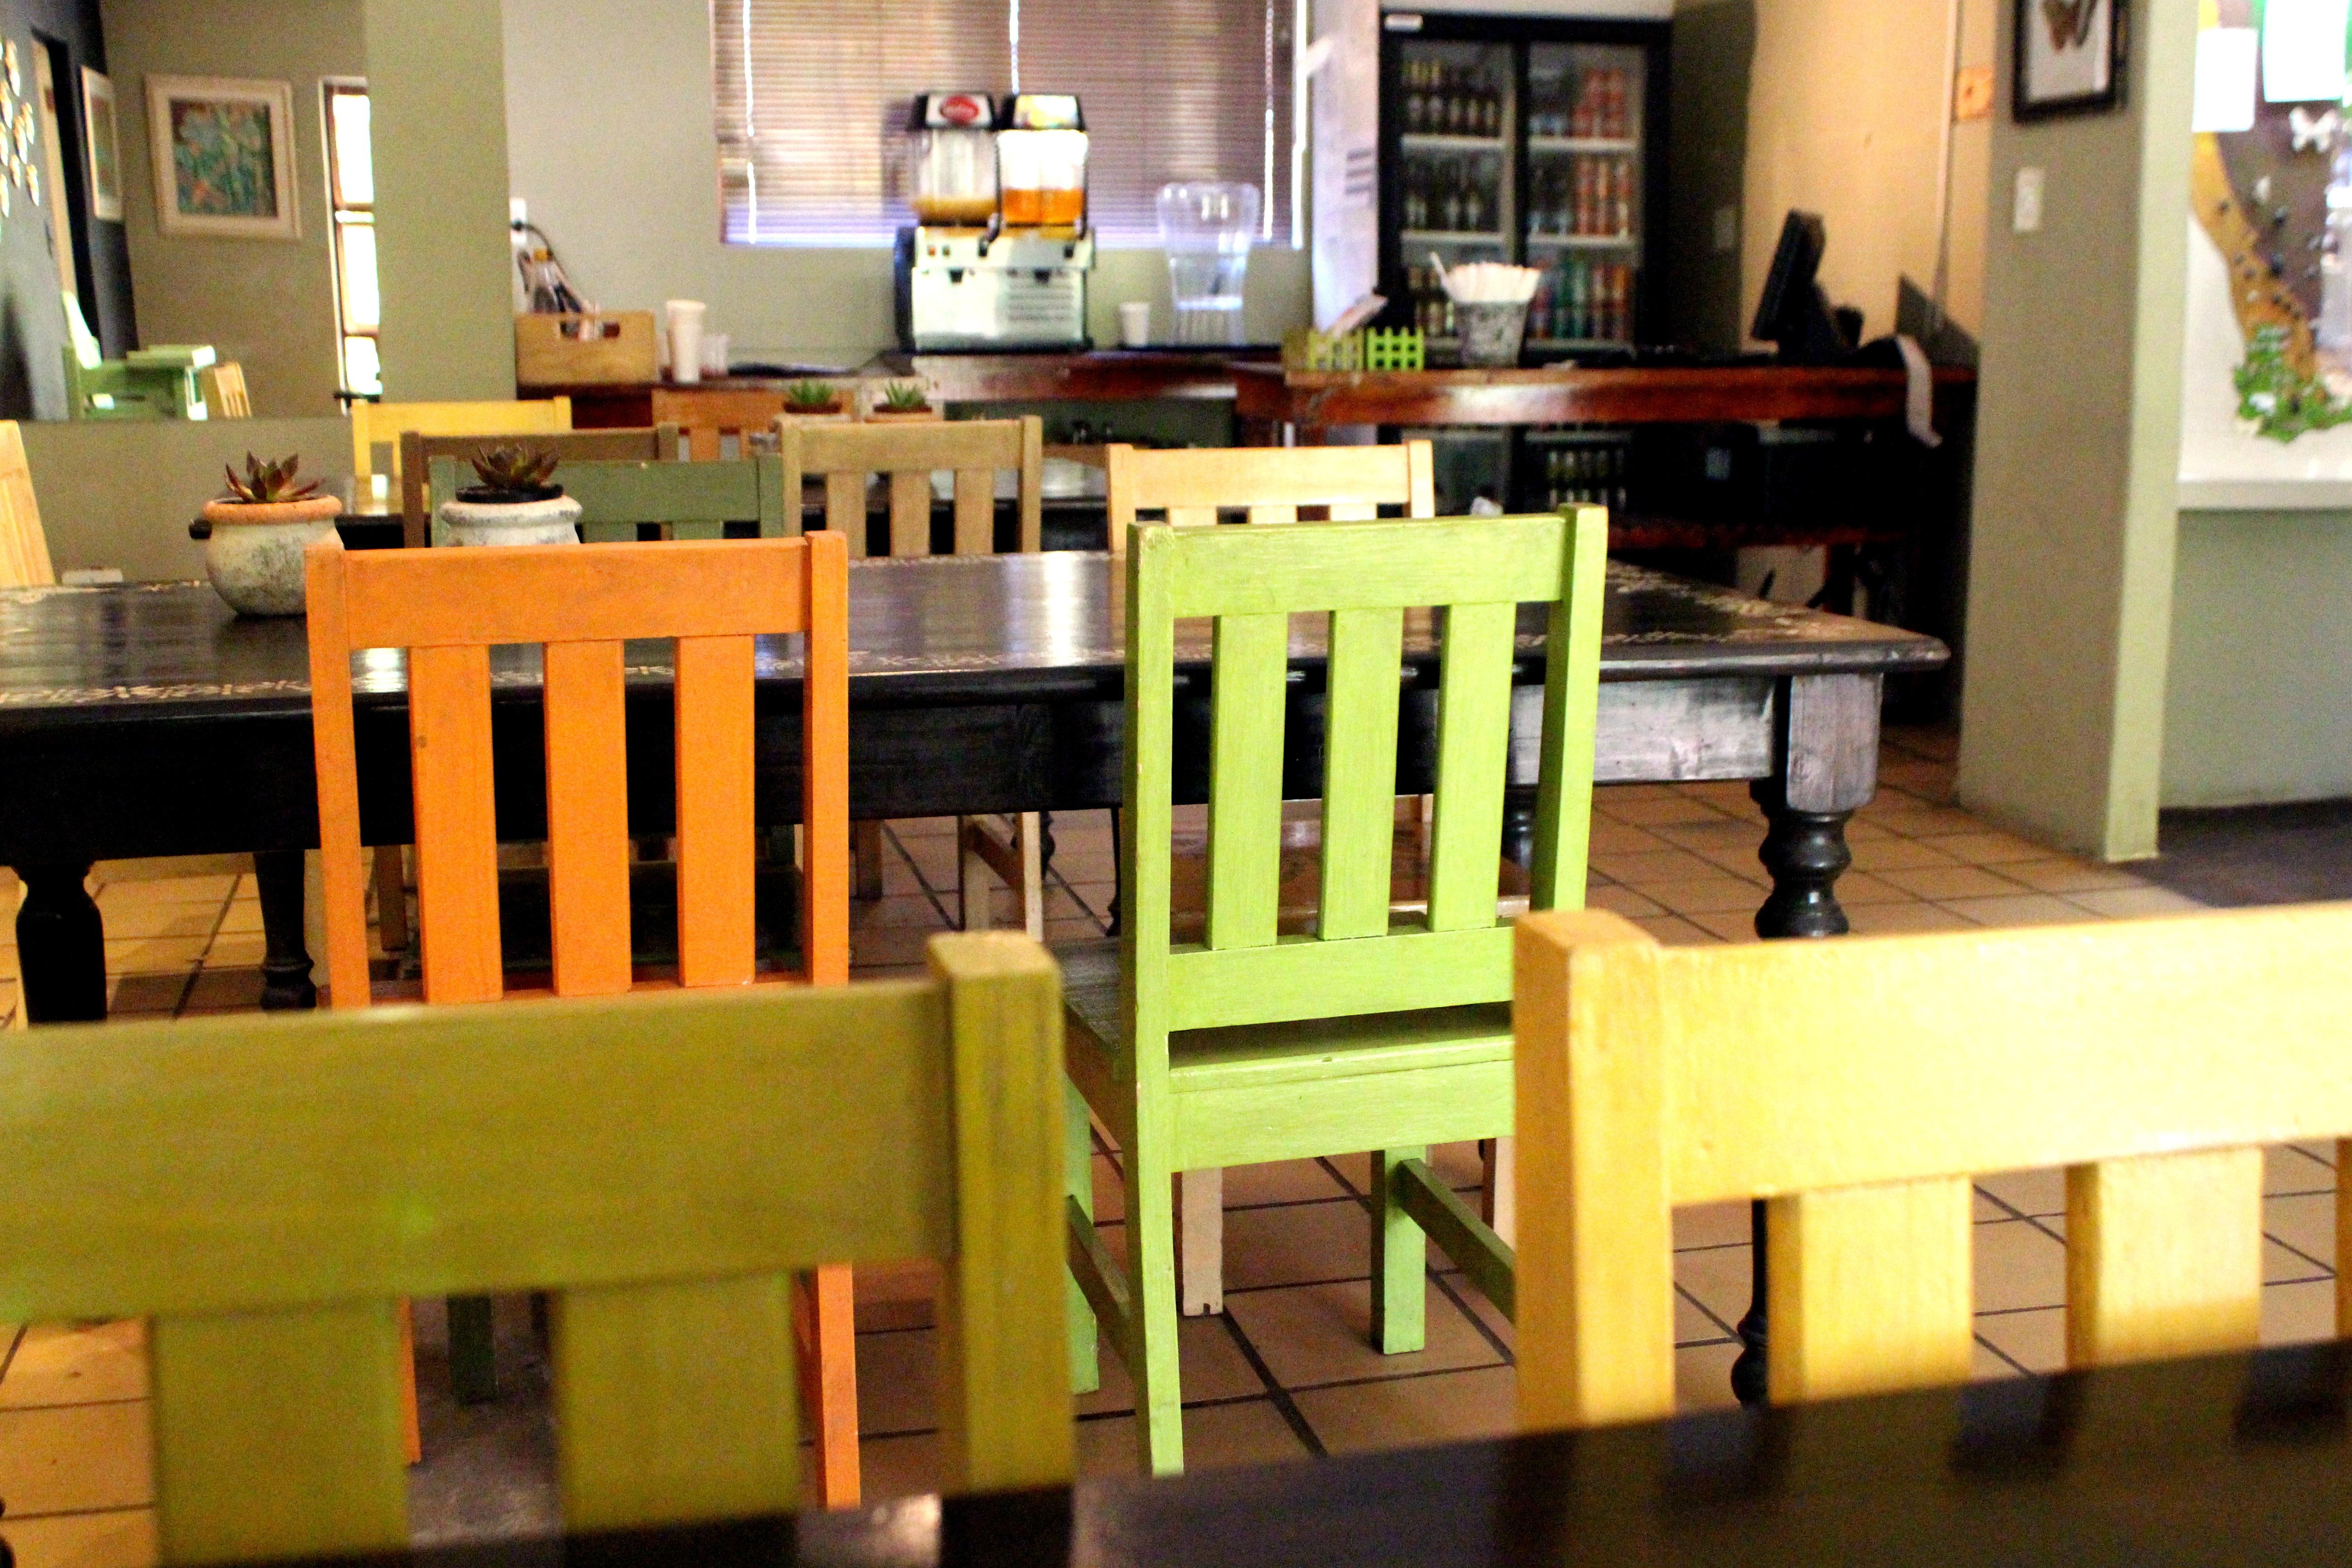 cafe holz restaurant zuhause orange mahlzeit grn mbel zimmer bunt gelb essen innenarchitektur sthle stand entwurf - Esszimmer Orange